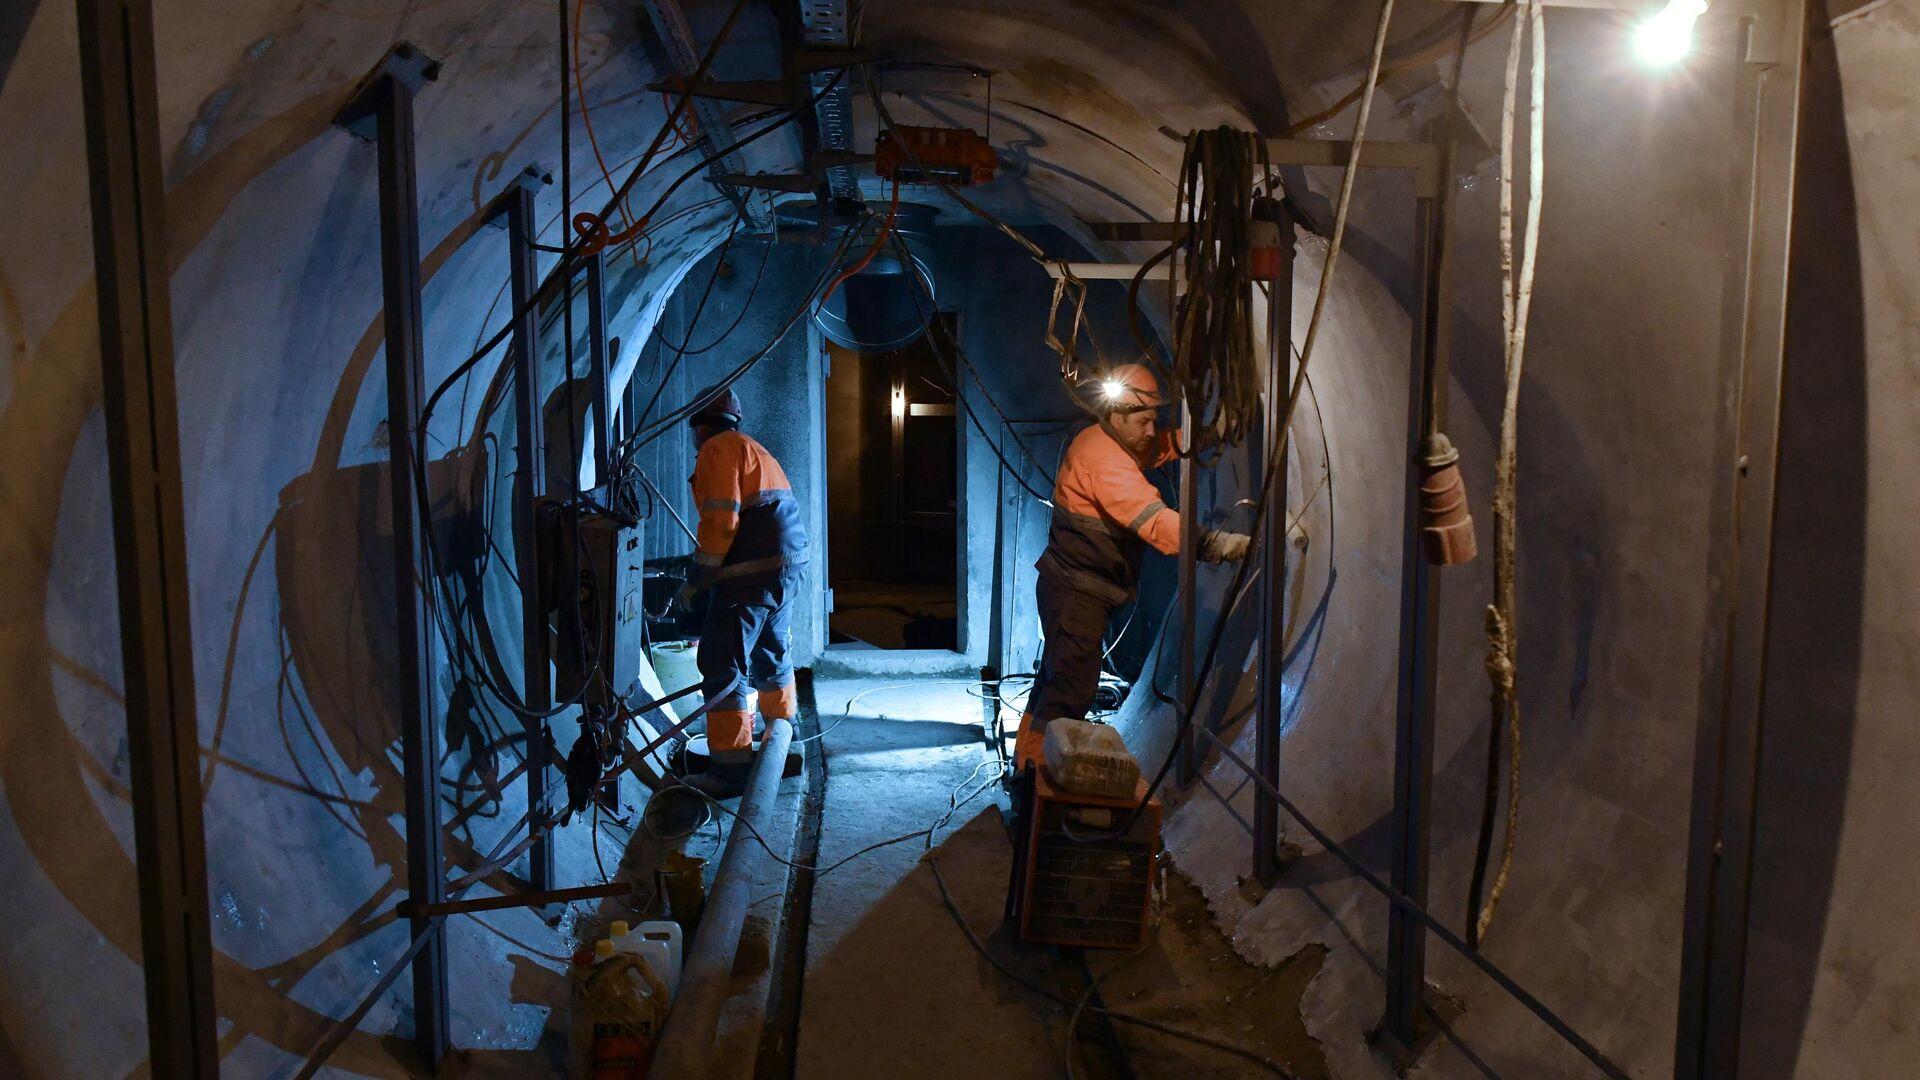 Рабочие проводят строительно-монтажные работы в тоннеле кабельного коллектора - РИА Новости, 1920, 26.01.2021